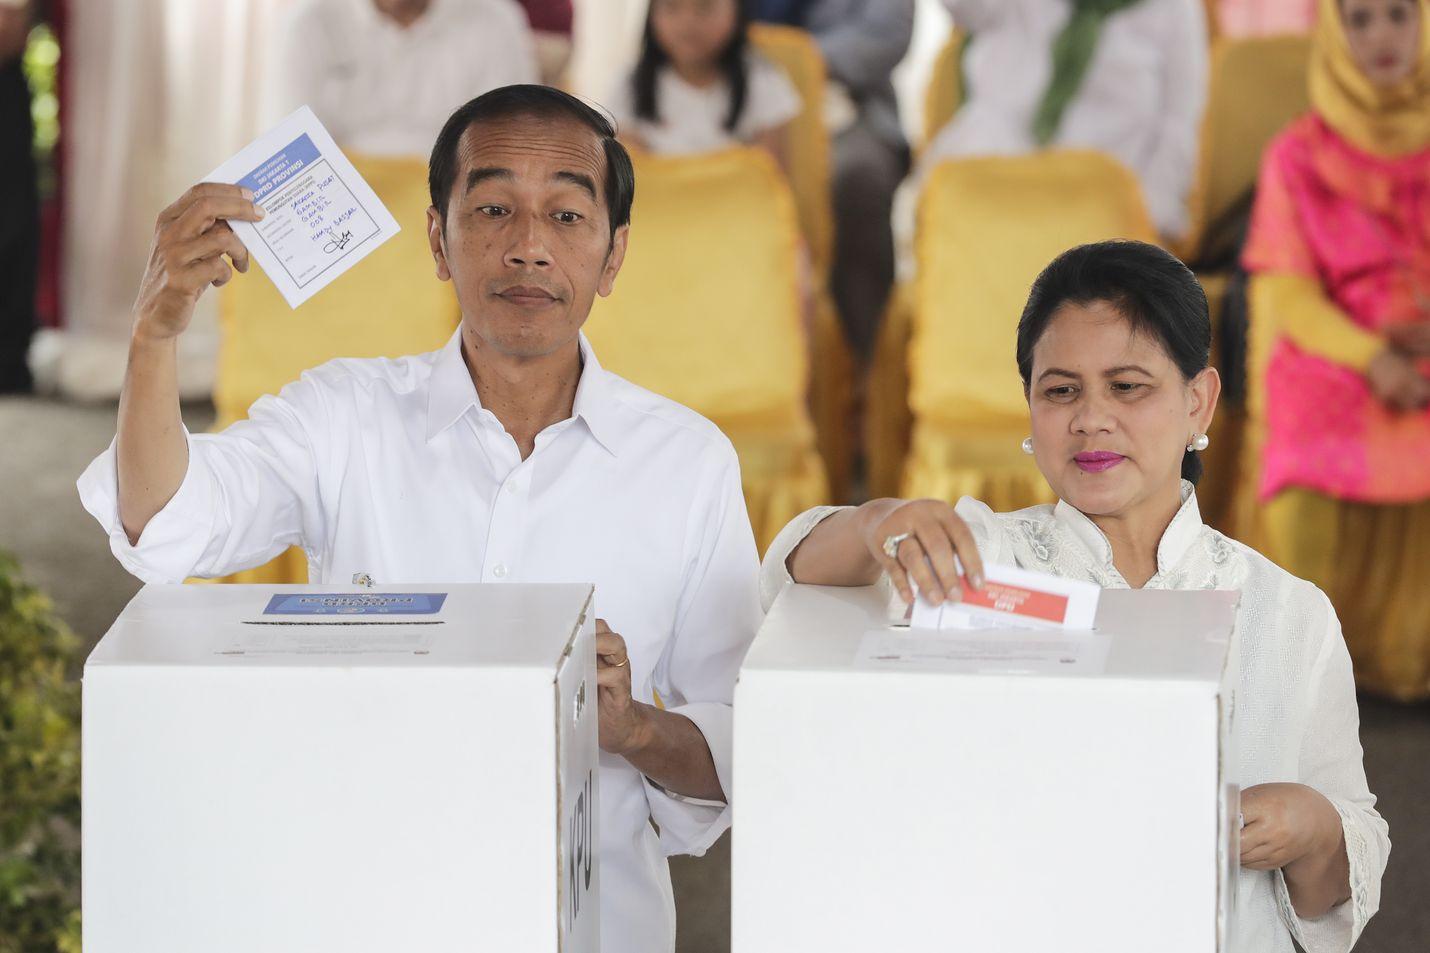 Indonesian presidentti Joko Widodo (vas.) ja hänen vaimonsa Iriana Joko Widodo antoivat äänensä vaaleissa.